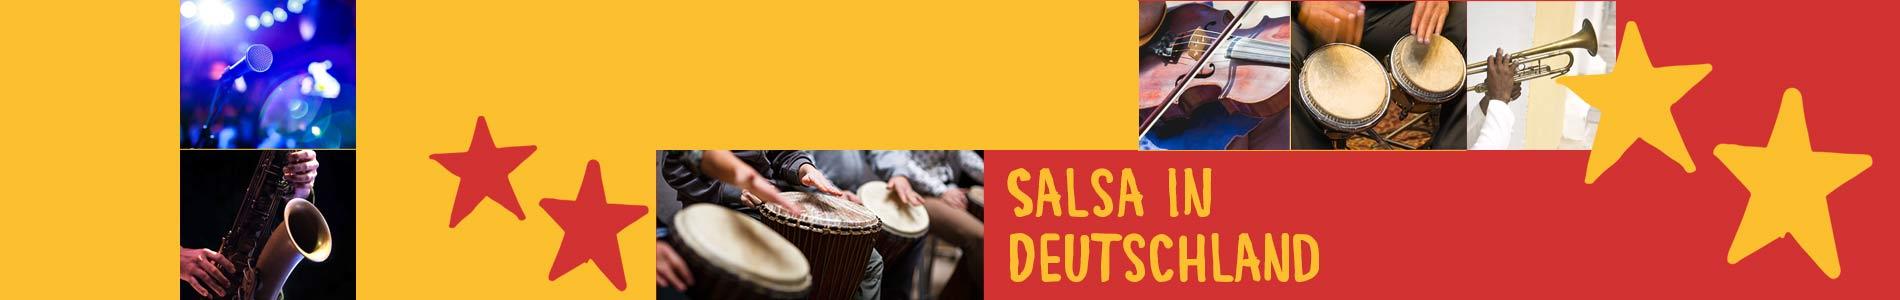 Salsa in Bruck in der Oberpfalz – Salsa lernen und tanzen, Tanzkurse, Partys, Veranstaltungen